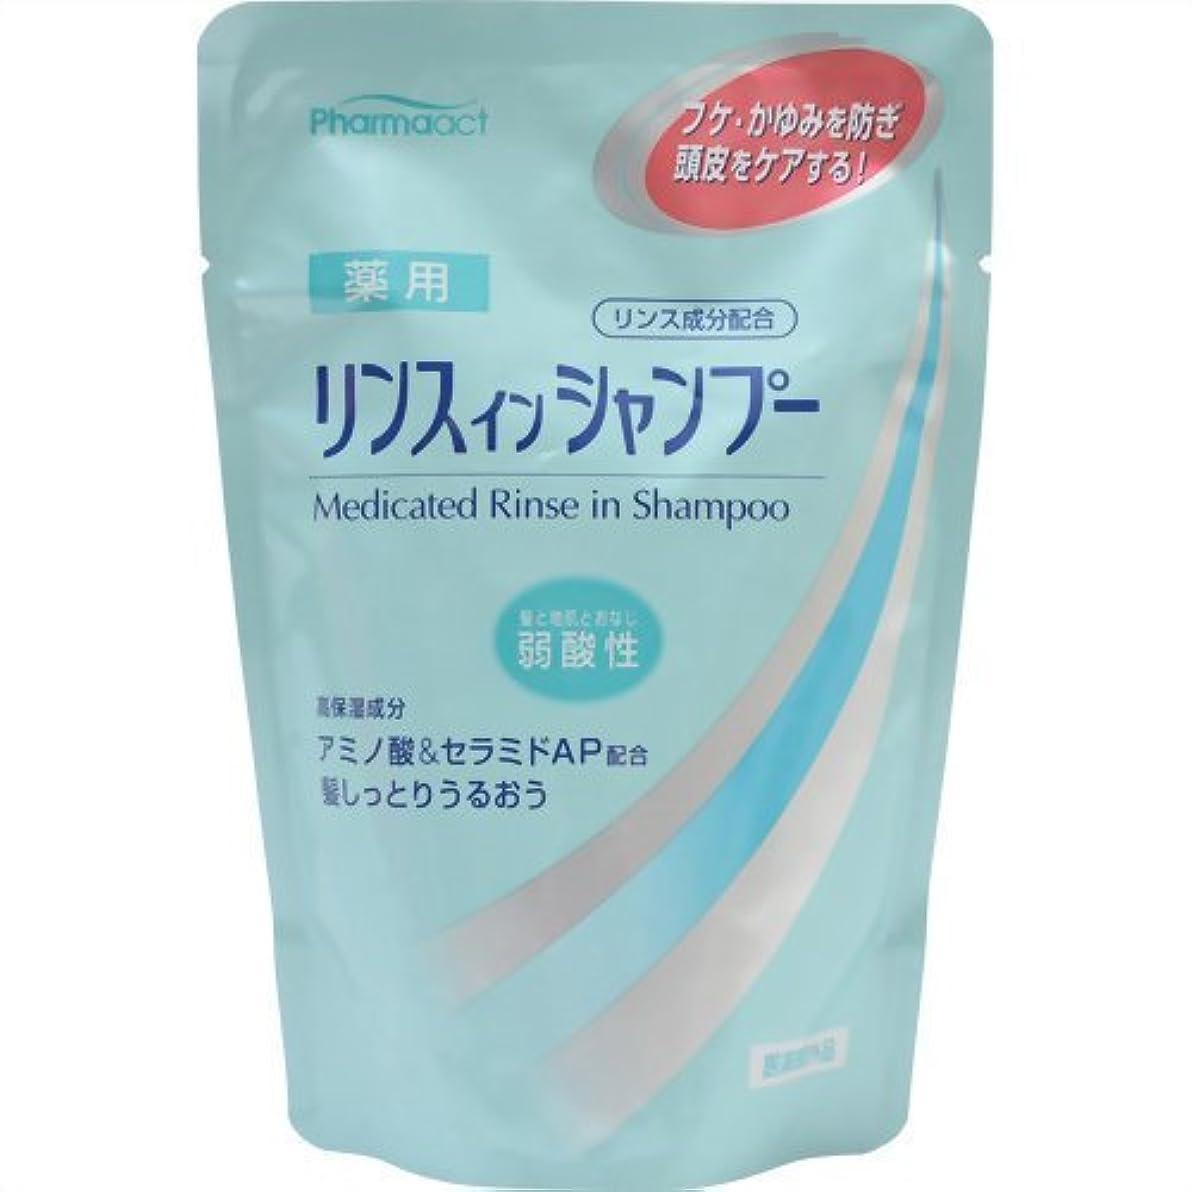 コンチネンタル答え真面目な熊野油脂 ファーマアクト 薬用リンス 詰替用 350ml